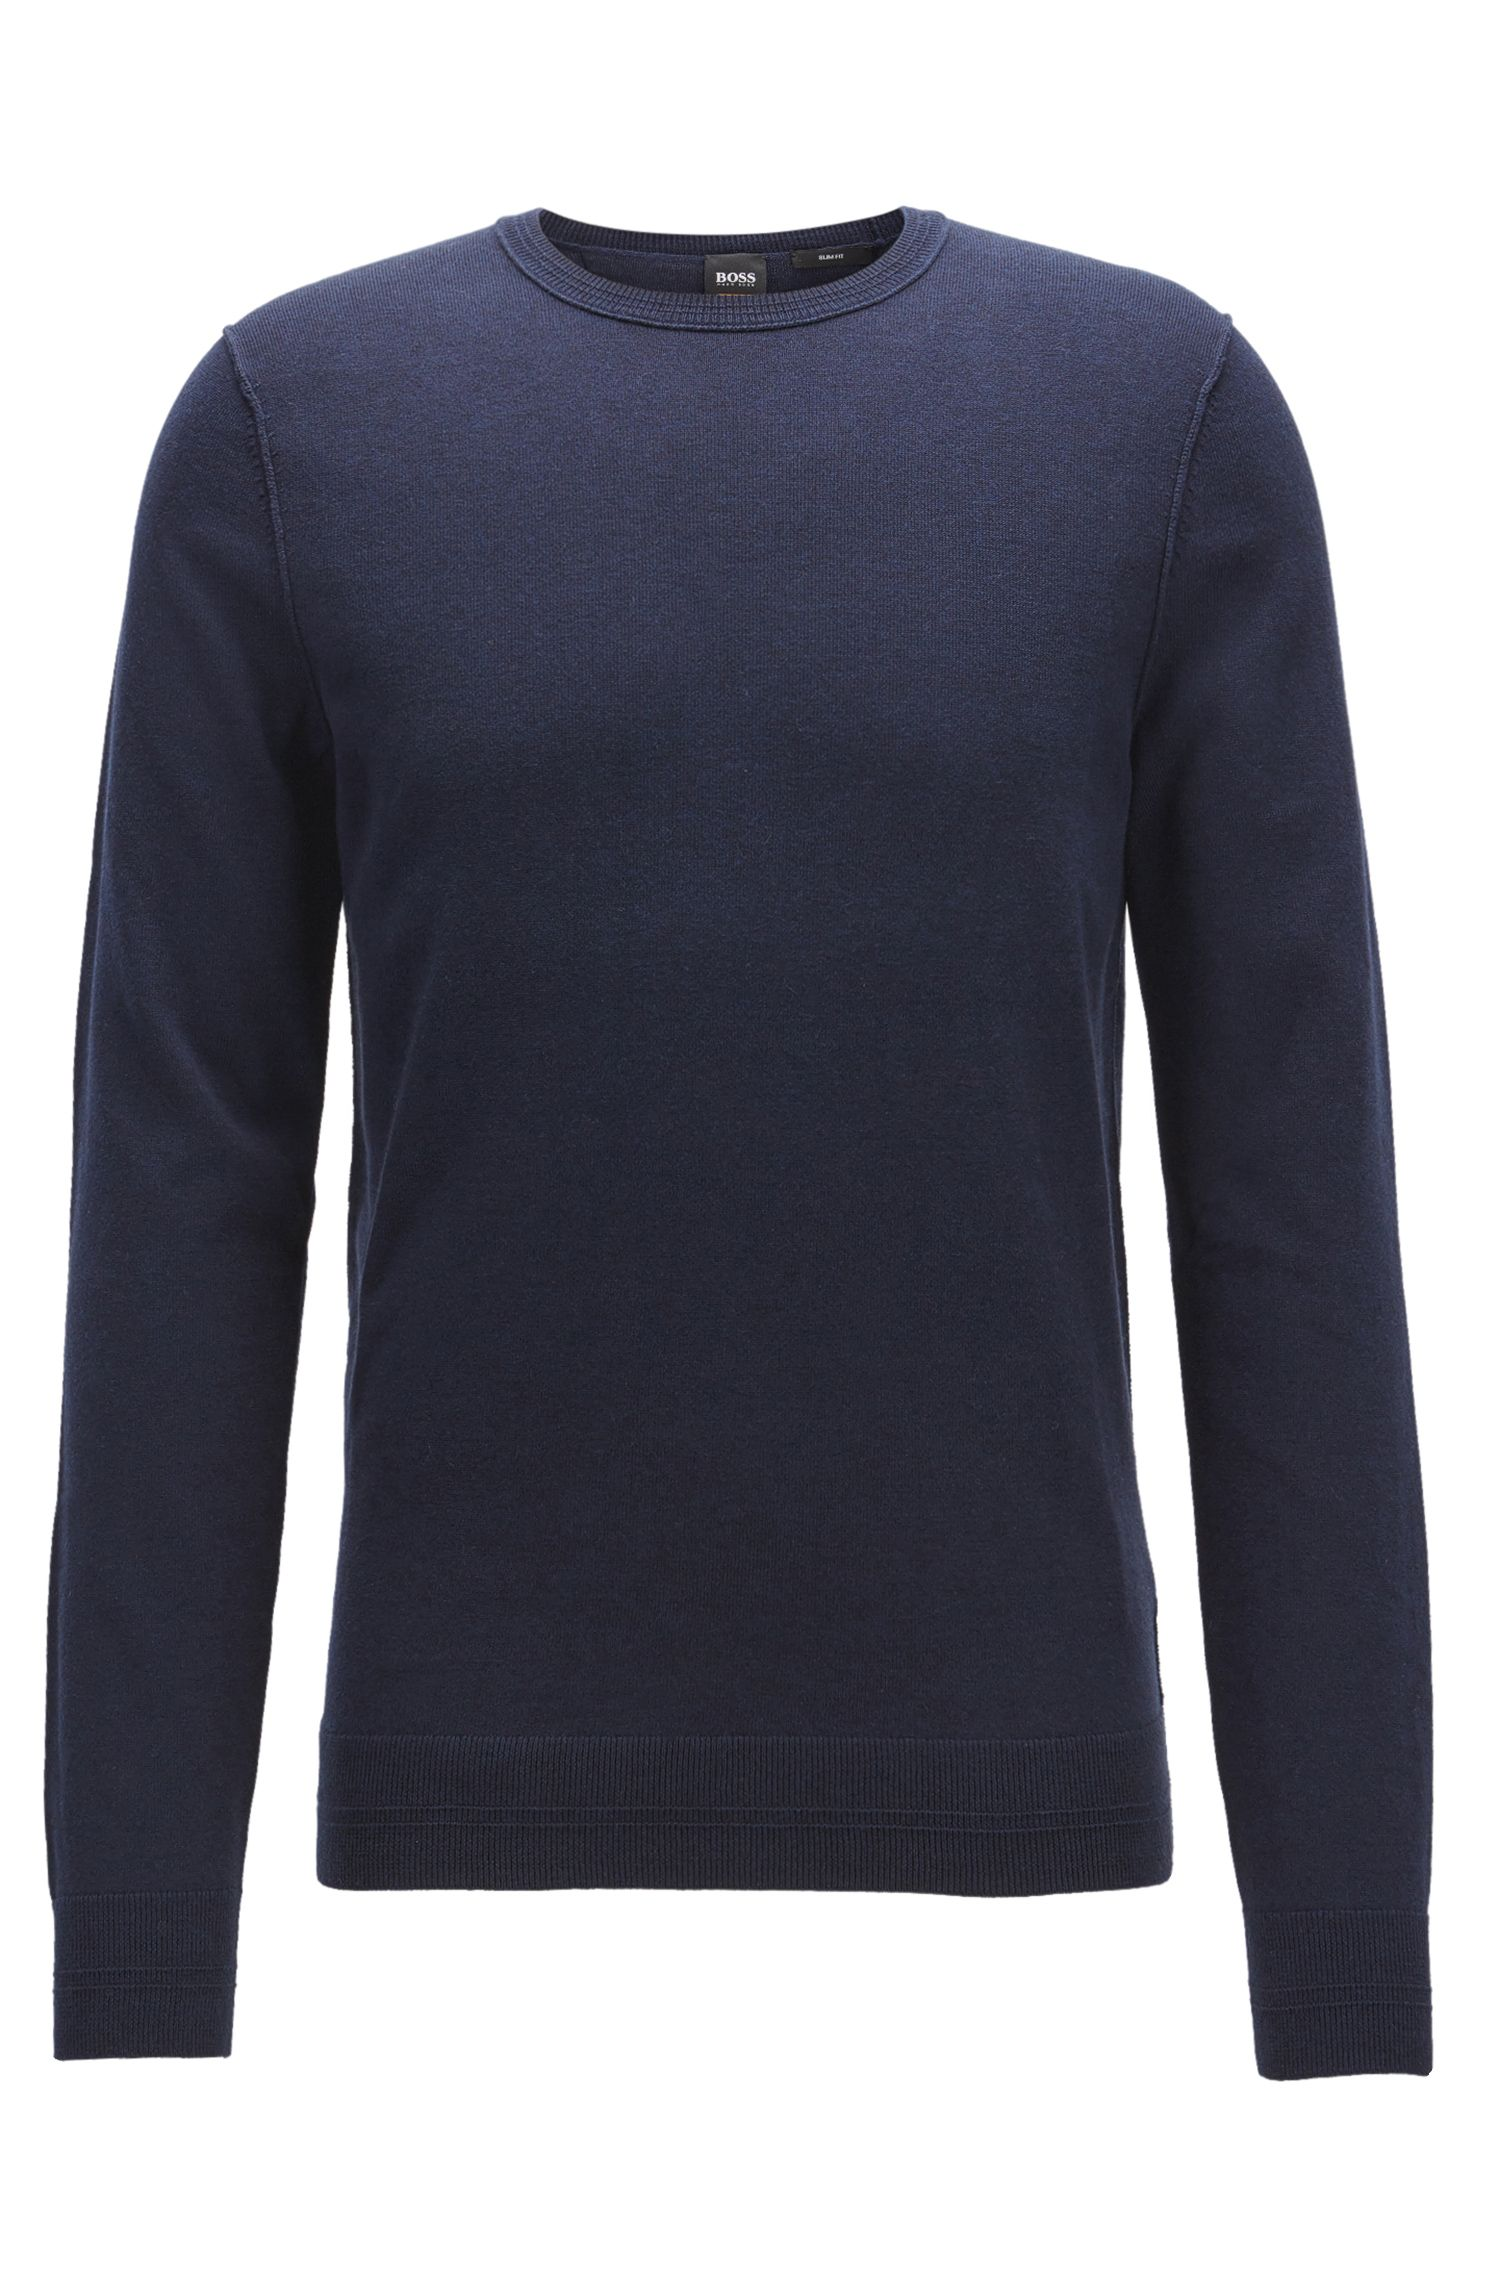 Jersey en mezcla de algodón con cuello redondo y detalles de canalé en 3D